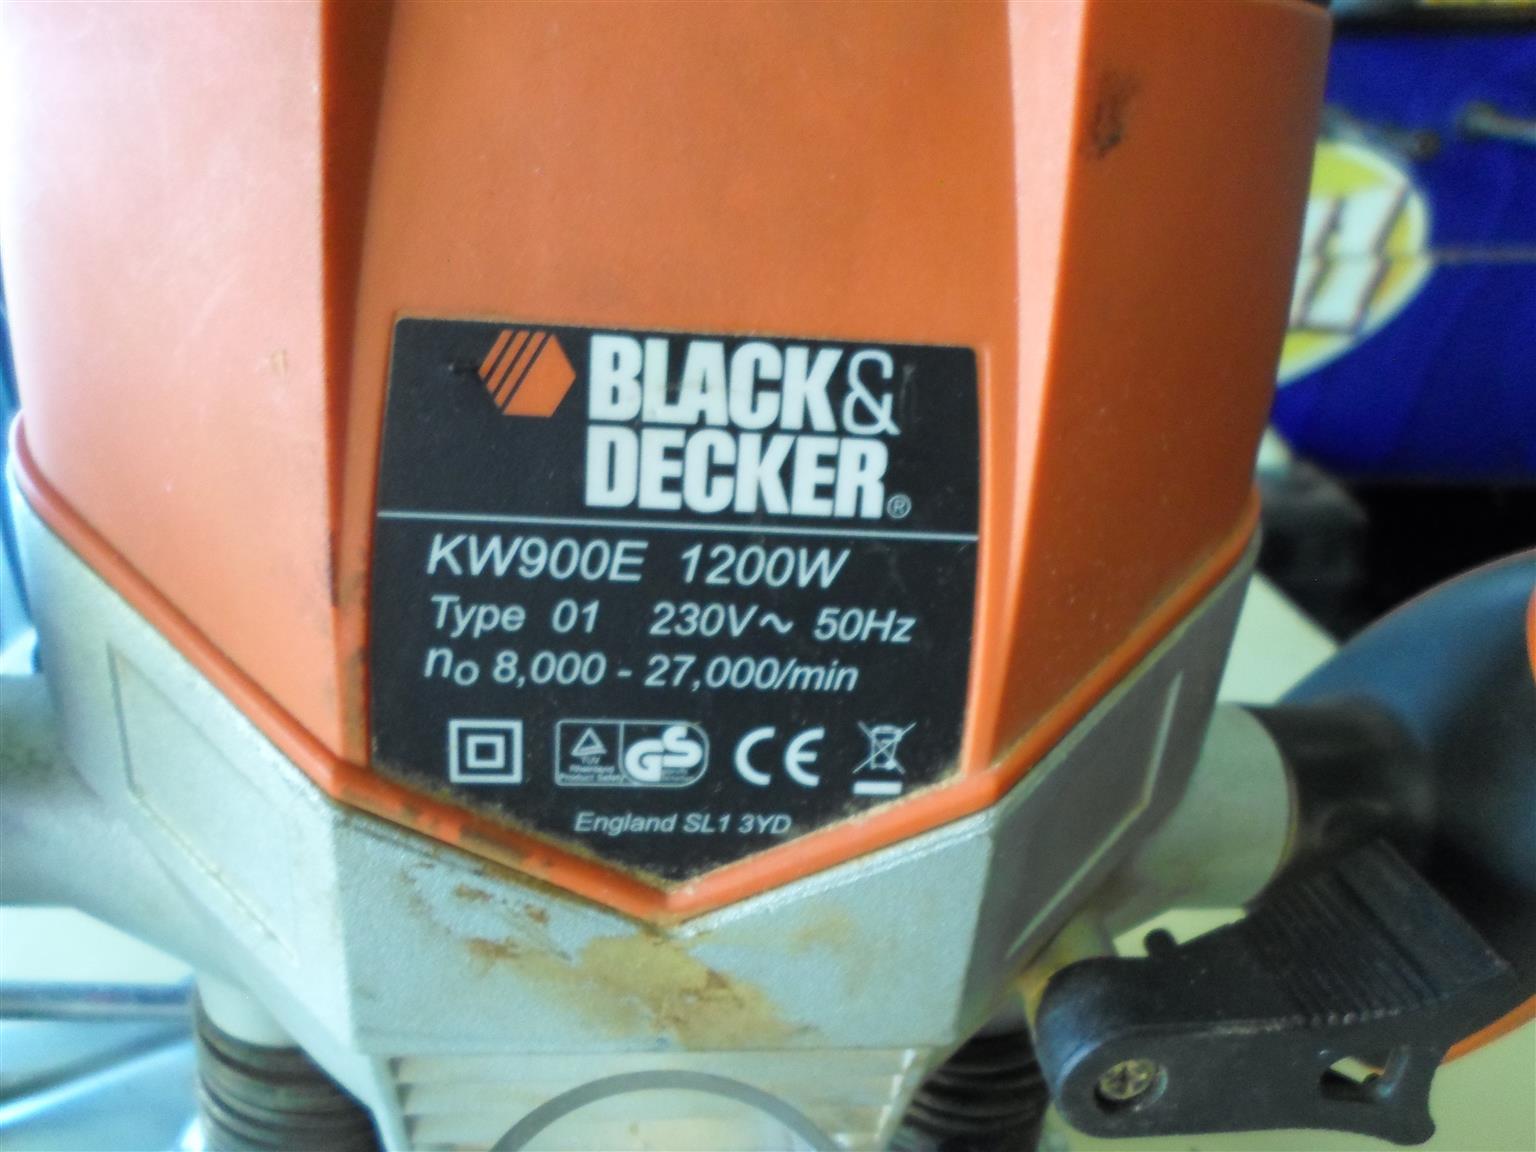 1200W KW900E Black & Decker Router